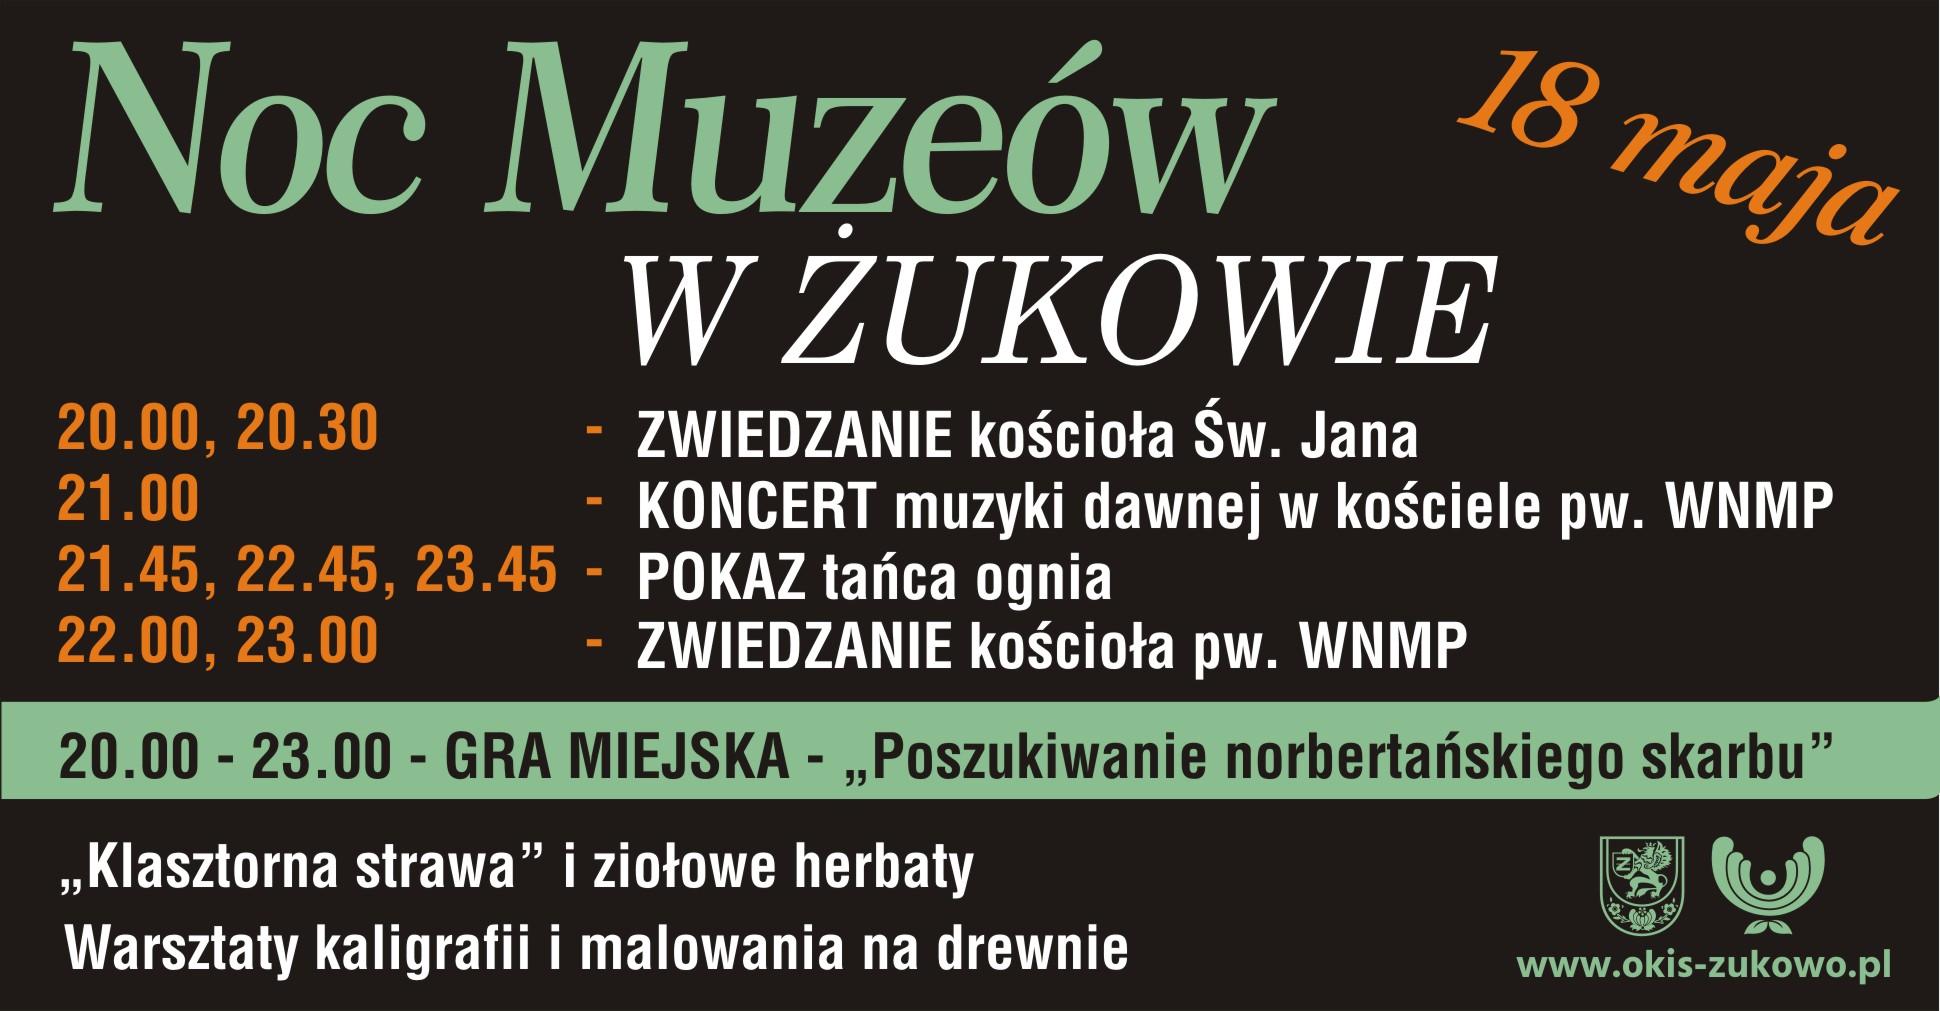 Noc Muzeów w Żukowie